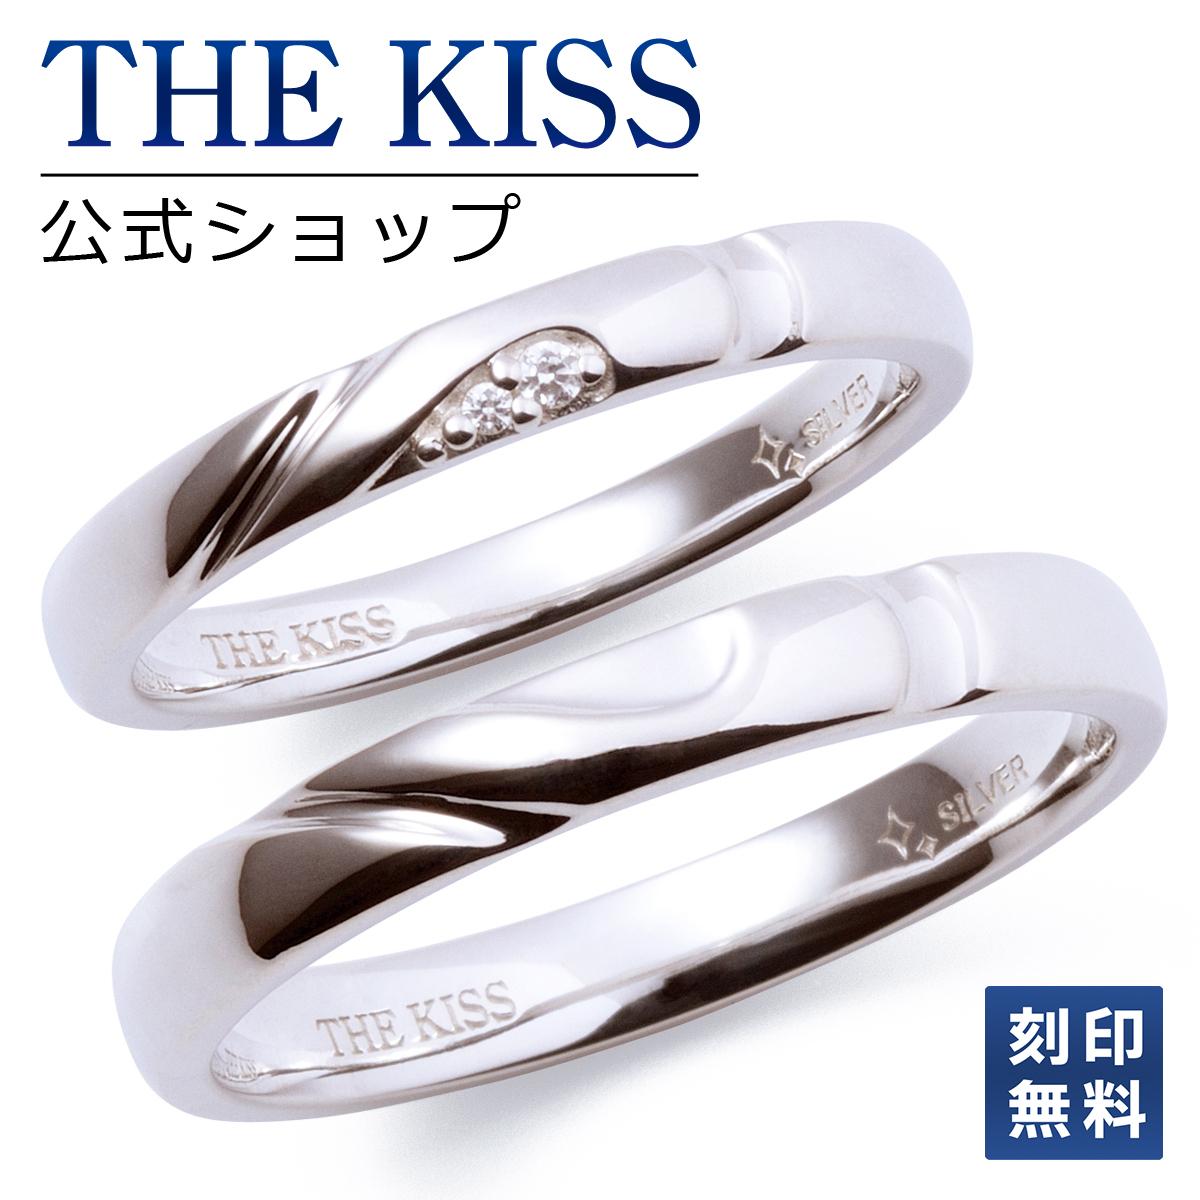 【刻印可_5文字】【あす楽対応】THE KISS 公式サイト シルバー ペアリング ペアアクセサリー カップル に 人気 の ジュエリーブランド THEKISS ペア リング・指輪 記念日 プレゼント PSR816CB-817 セット シンプル 男性 女性 2個ペア ザキス 【送料無料】